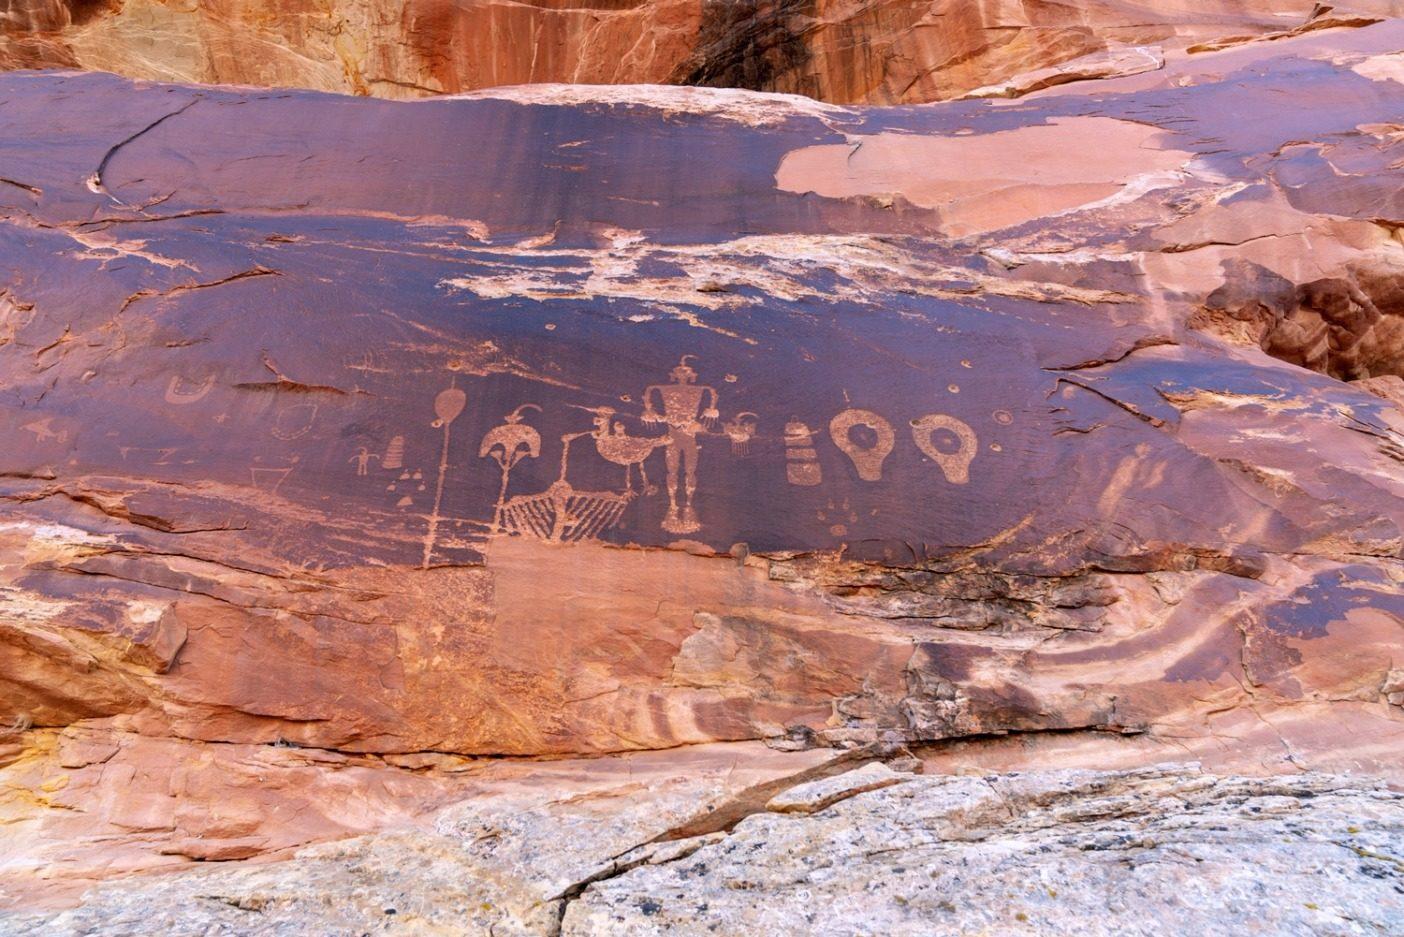 弾痕によって汚された神聖な壁画。ベアーズ・イヤーズには10万以上の文化遺産がある。この地方は最近世界で最も危機にさらされている文化遺跡のひとつに命名された。Photo: Michael Estrada